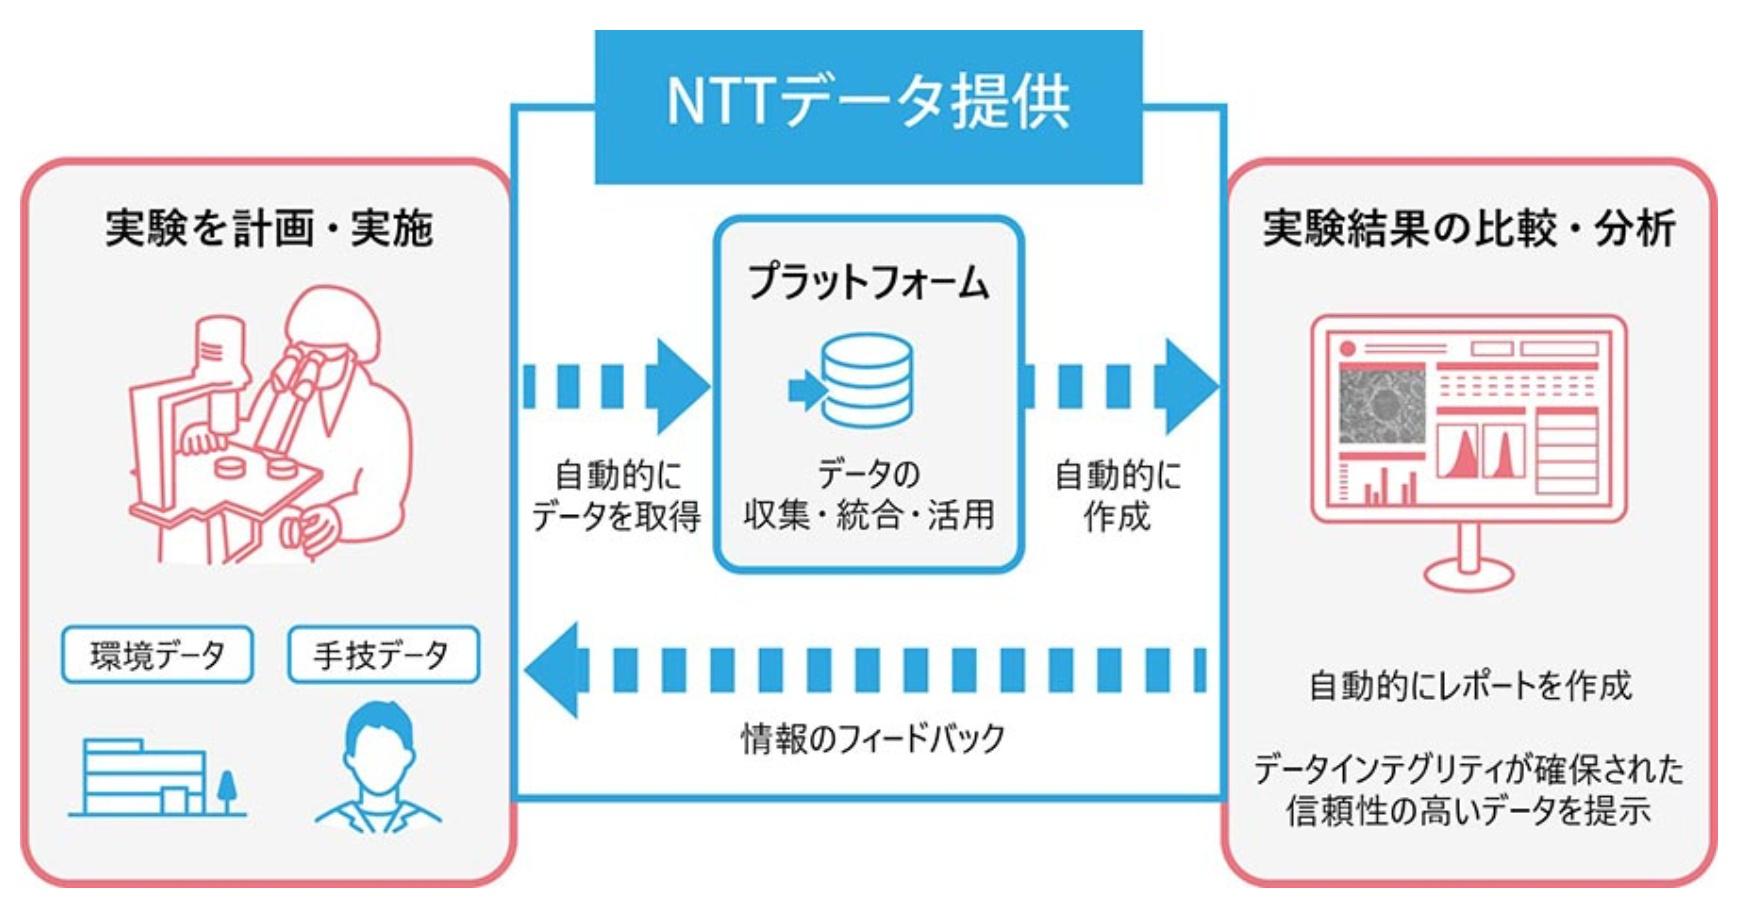 NTTデータ、iPS細胞等に関する実験のデジタル化を目指して8社でコンソーシアムを設立